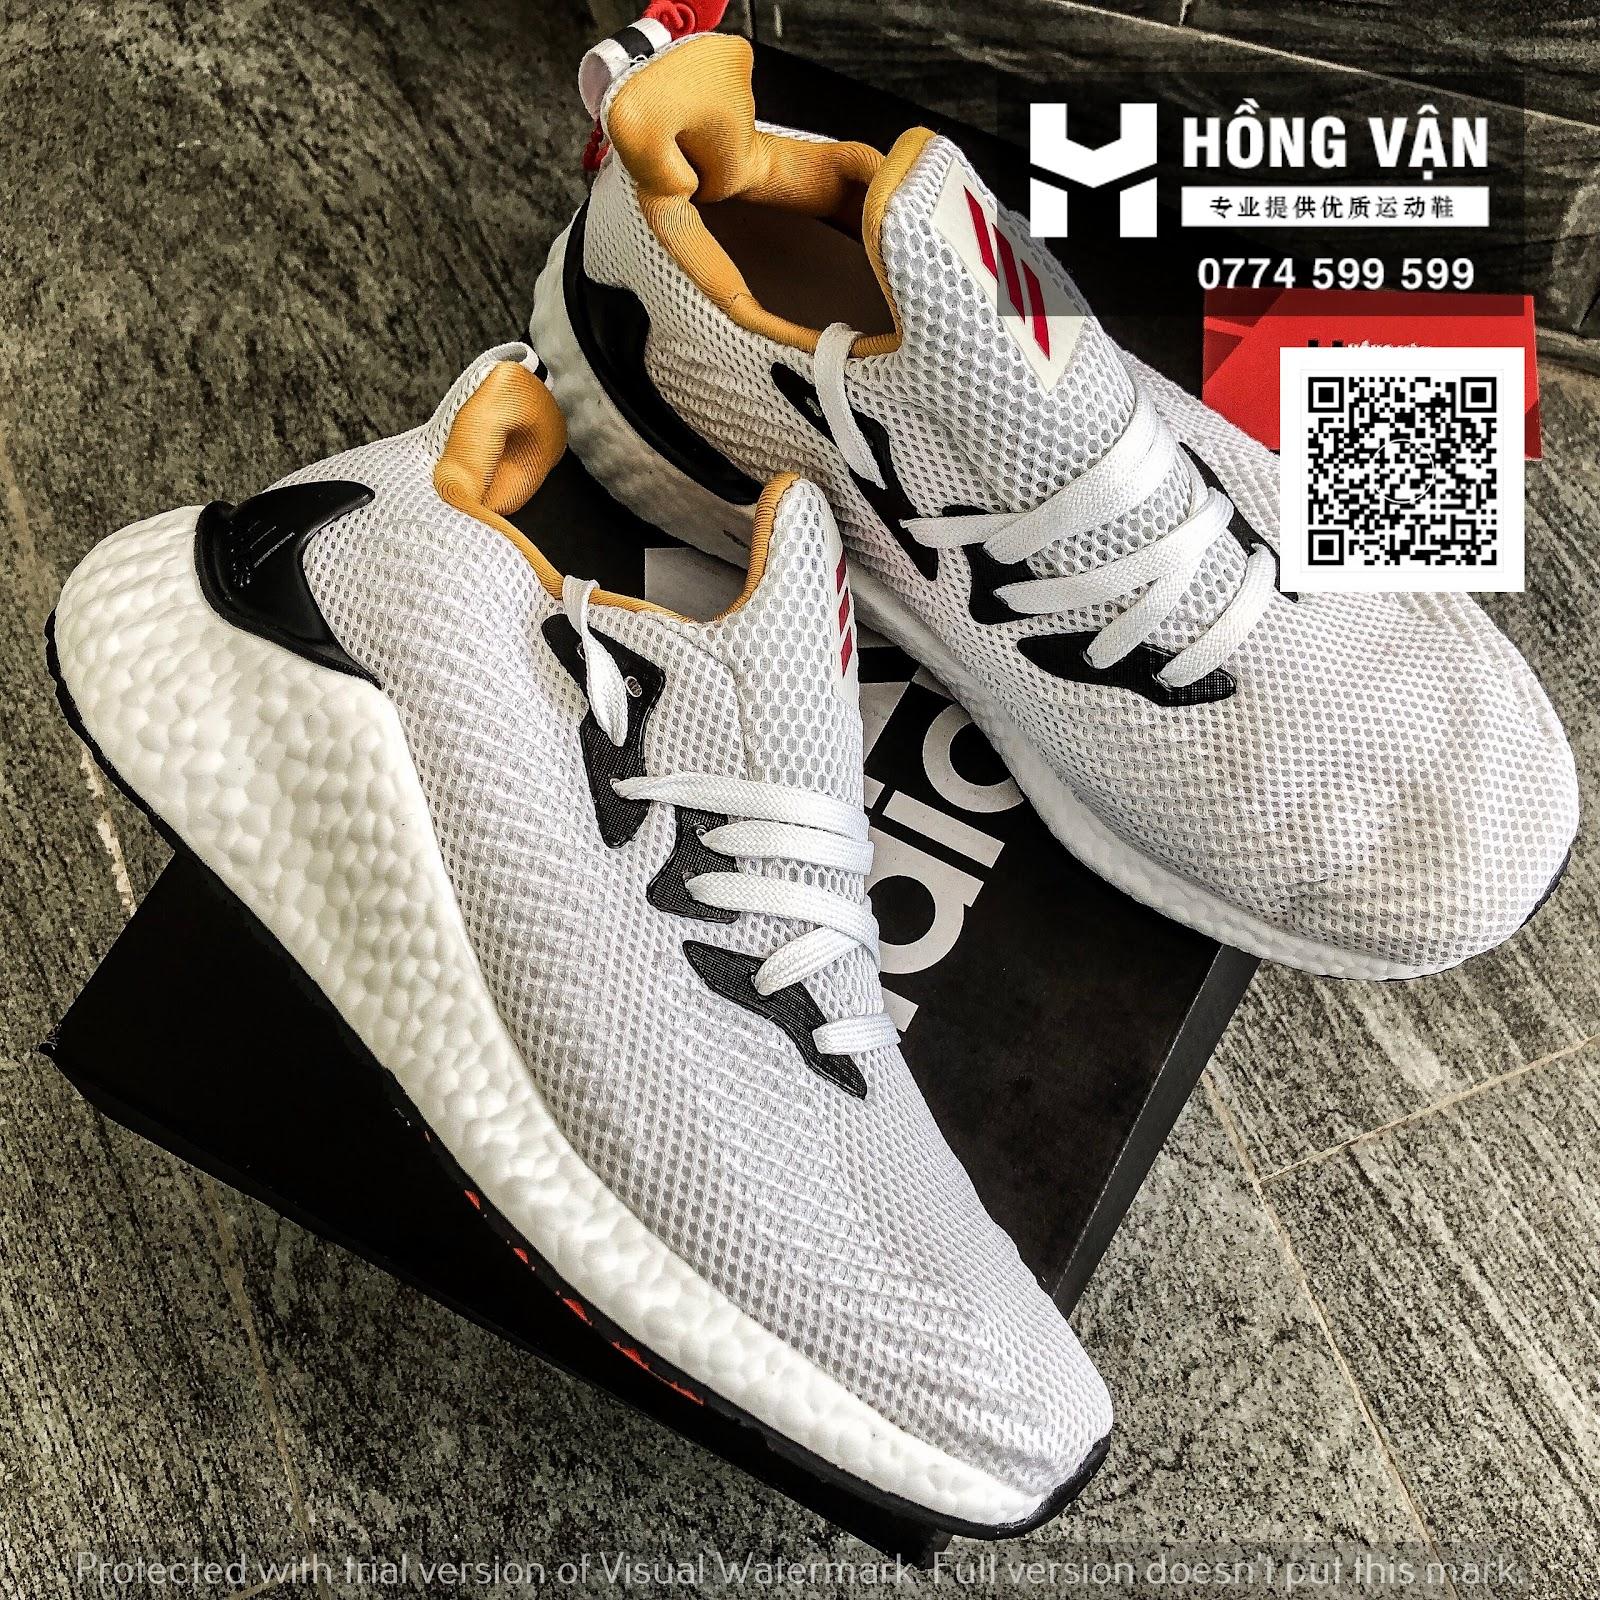 Hồng Vận - Nhà buôn sỉ giày thể thao và kèm theo những phụ kiện thể th - 1